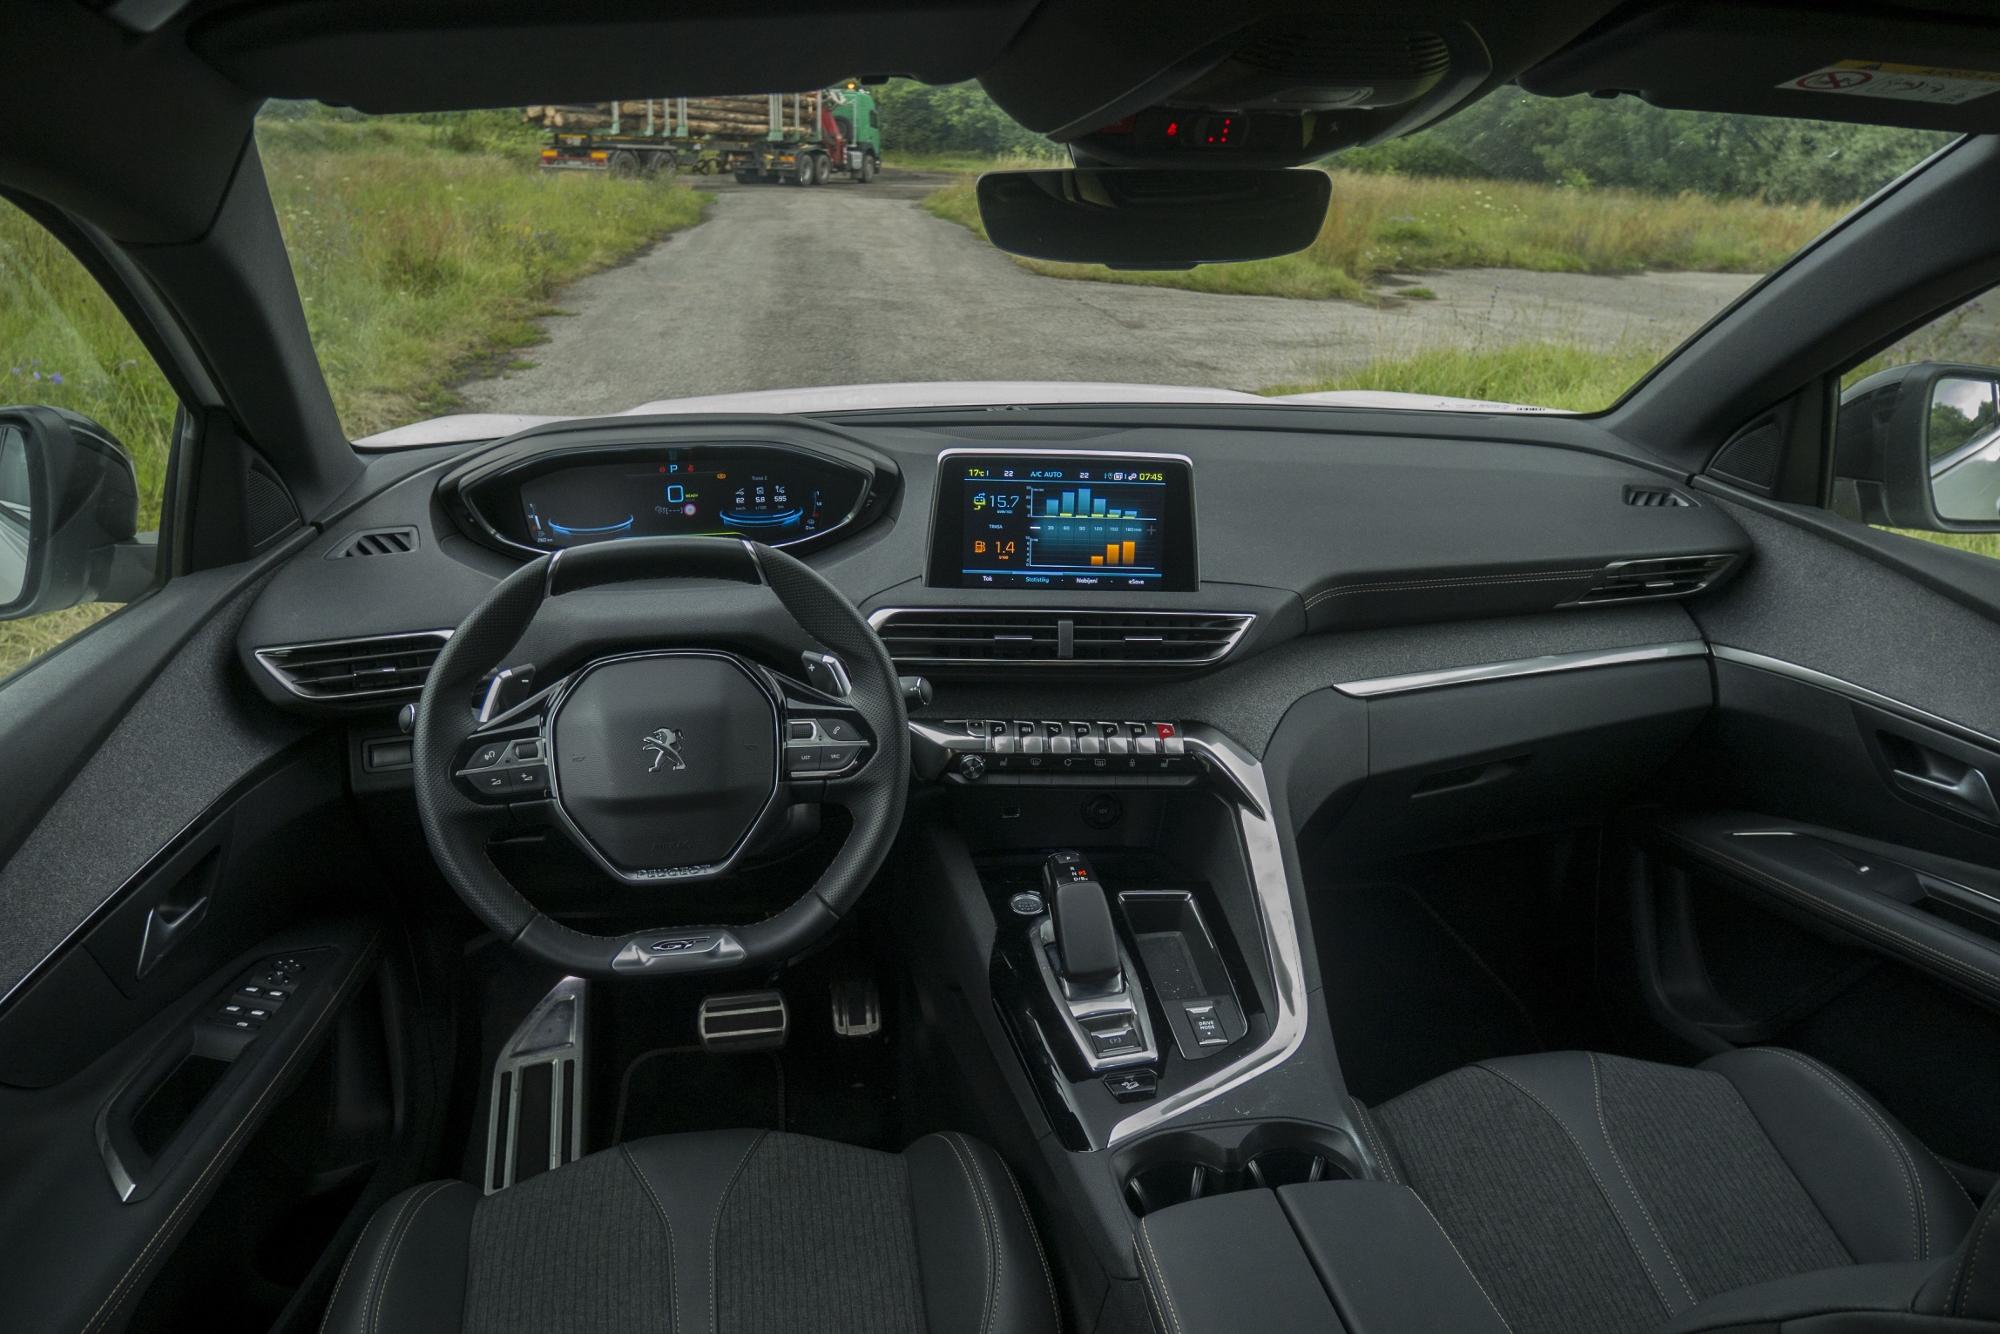 Test: Peugeot 3008 posúva schopnosti plug in hybridov tGy5XdZbOu peugeot-3008-hybrid4-7